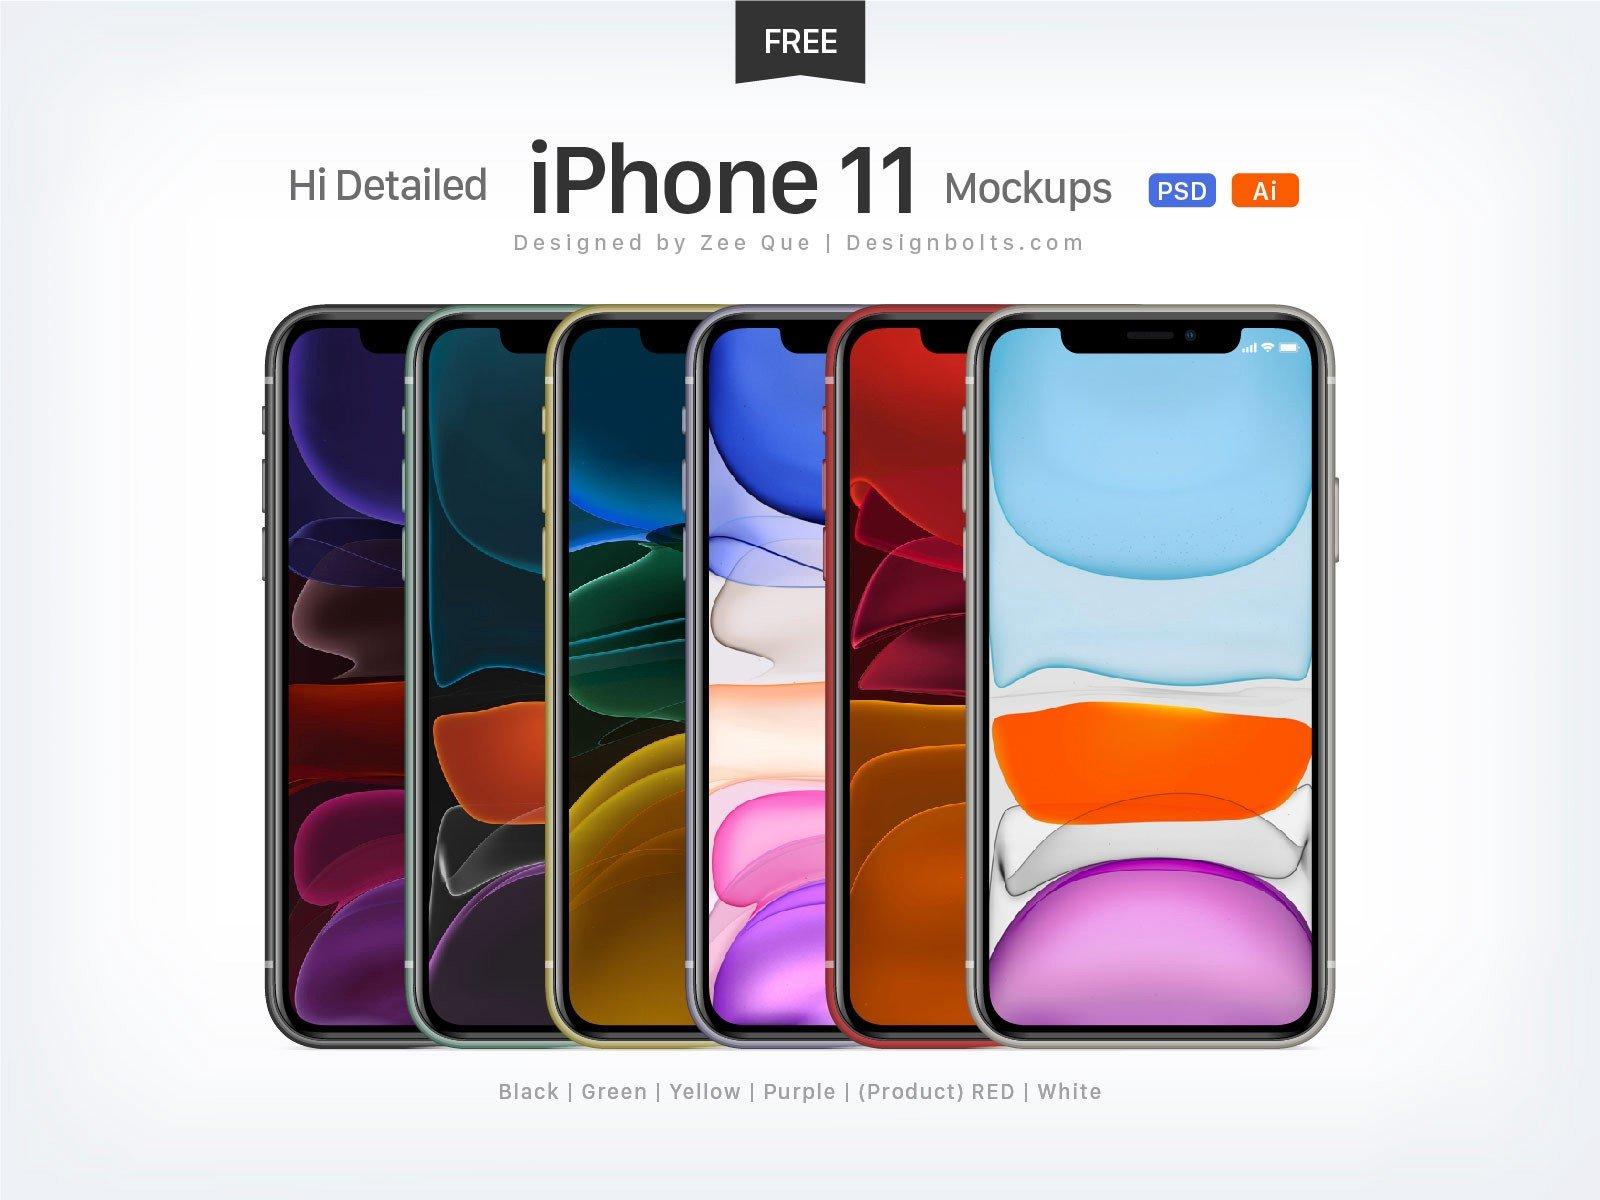 PSD - AI iPhone 11 Mockup